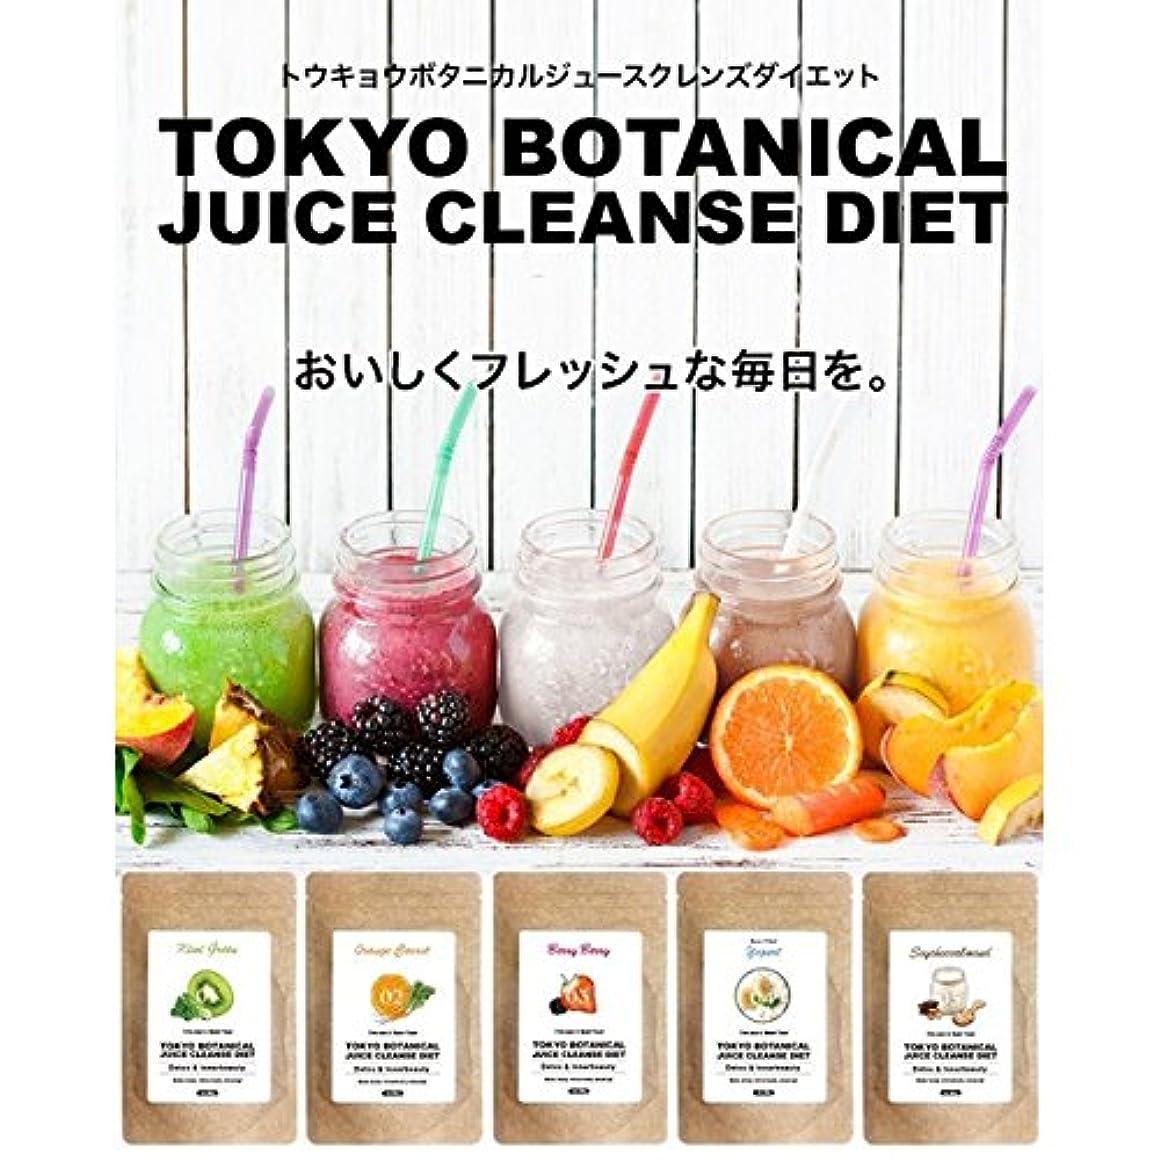 蒸し器石炭お香東京ボタニカルジュースクレンズダイエット  ヨーグルト&ソイチョコアーモンドセット